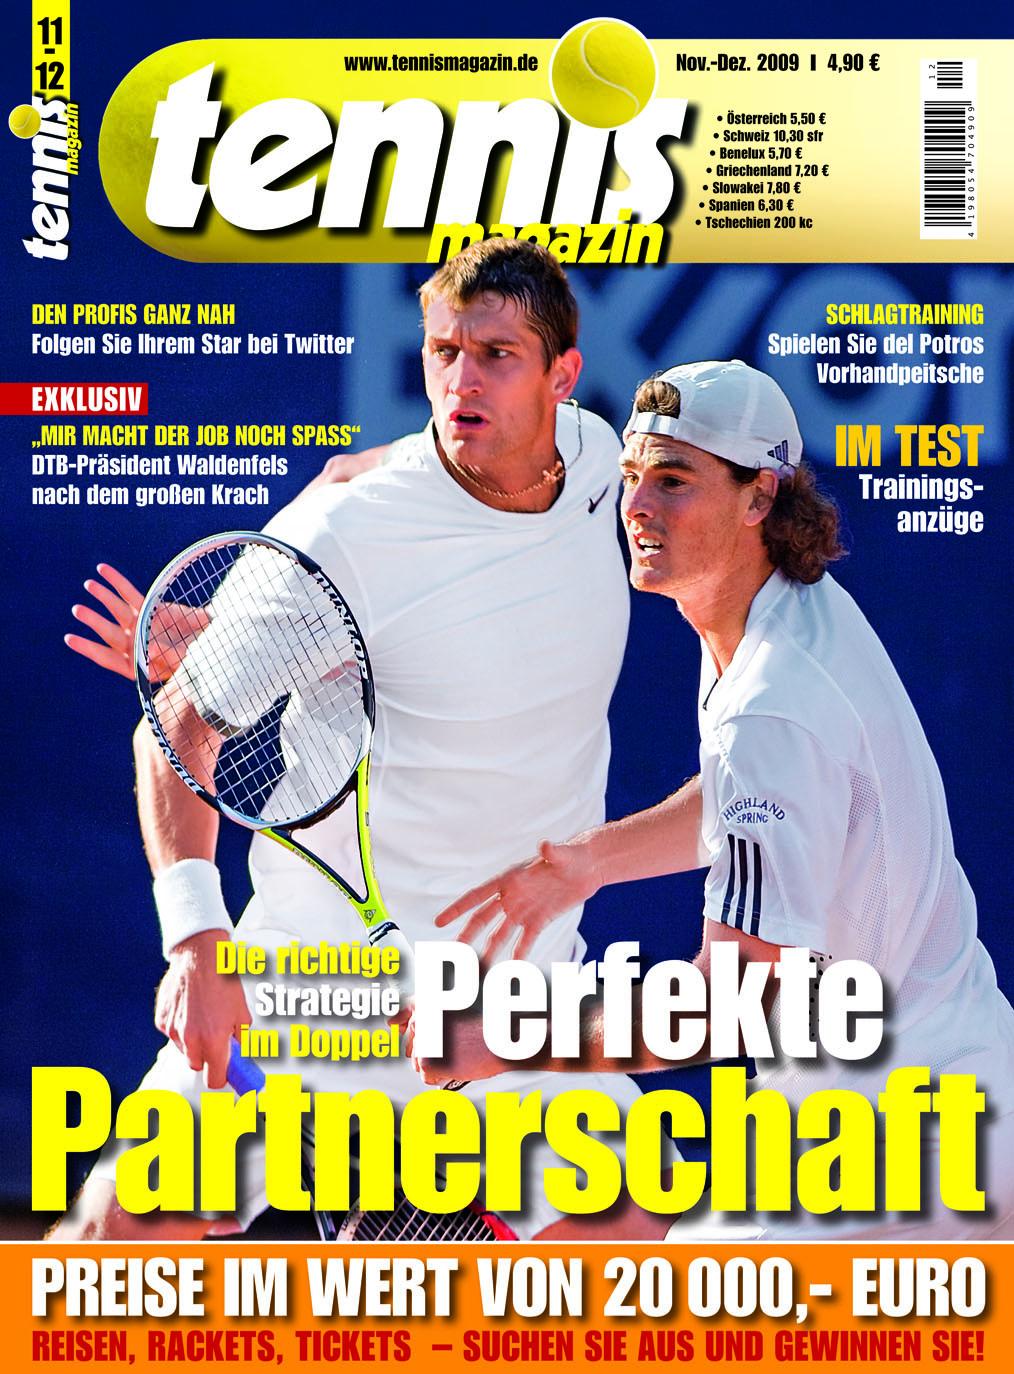 2009_11_12_u1_tennis.jpg